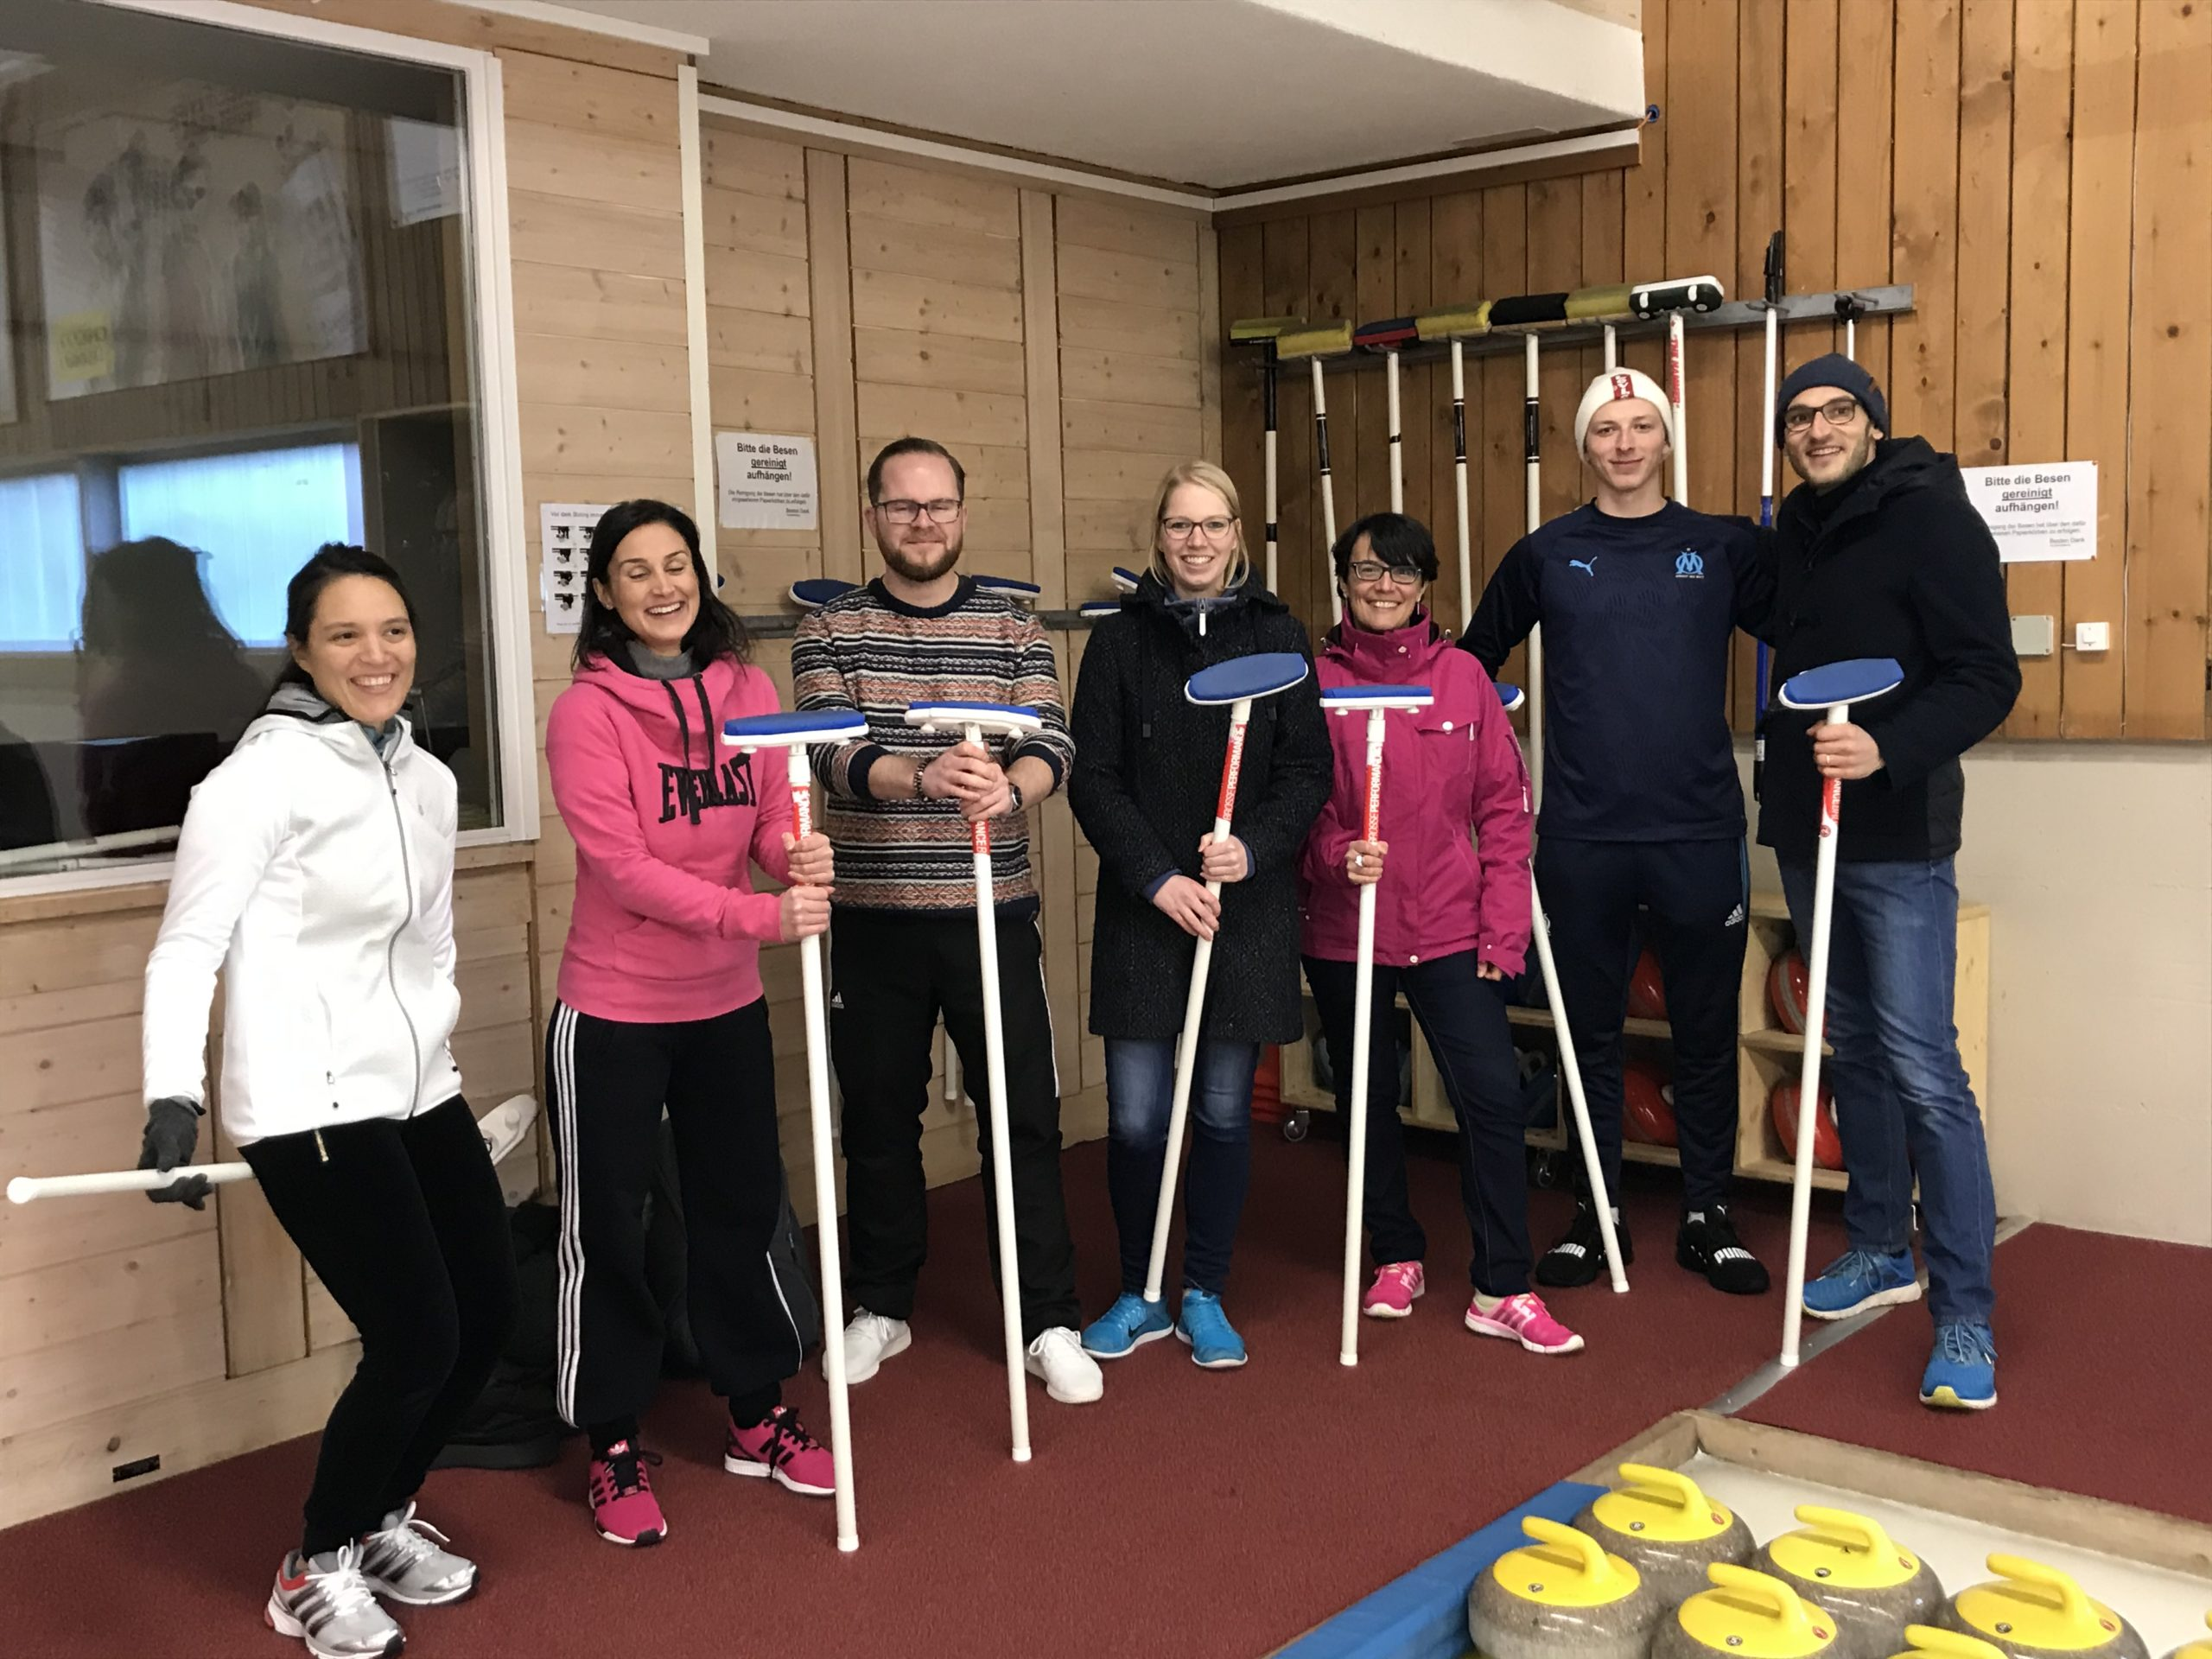 Curling event December 2019